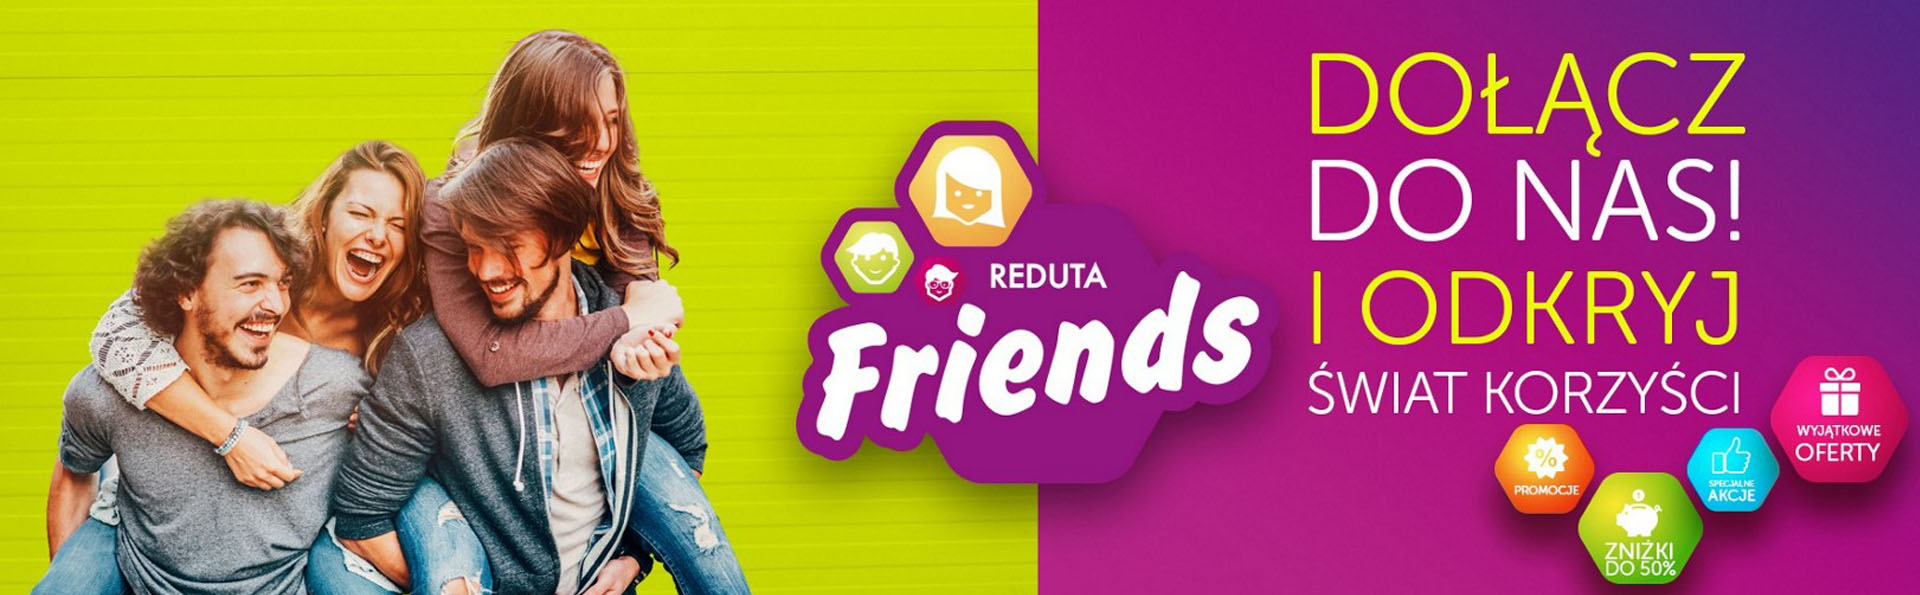 Reduta Friends